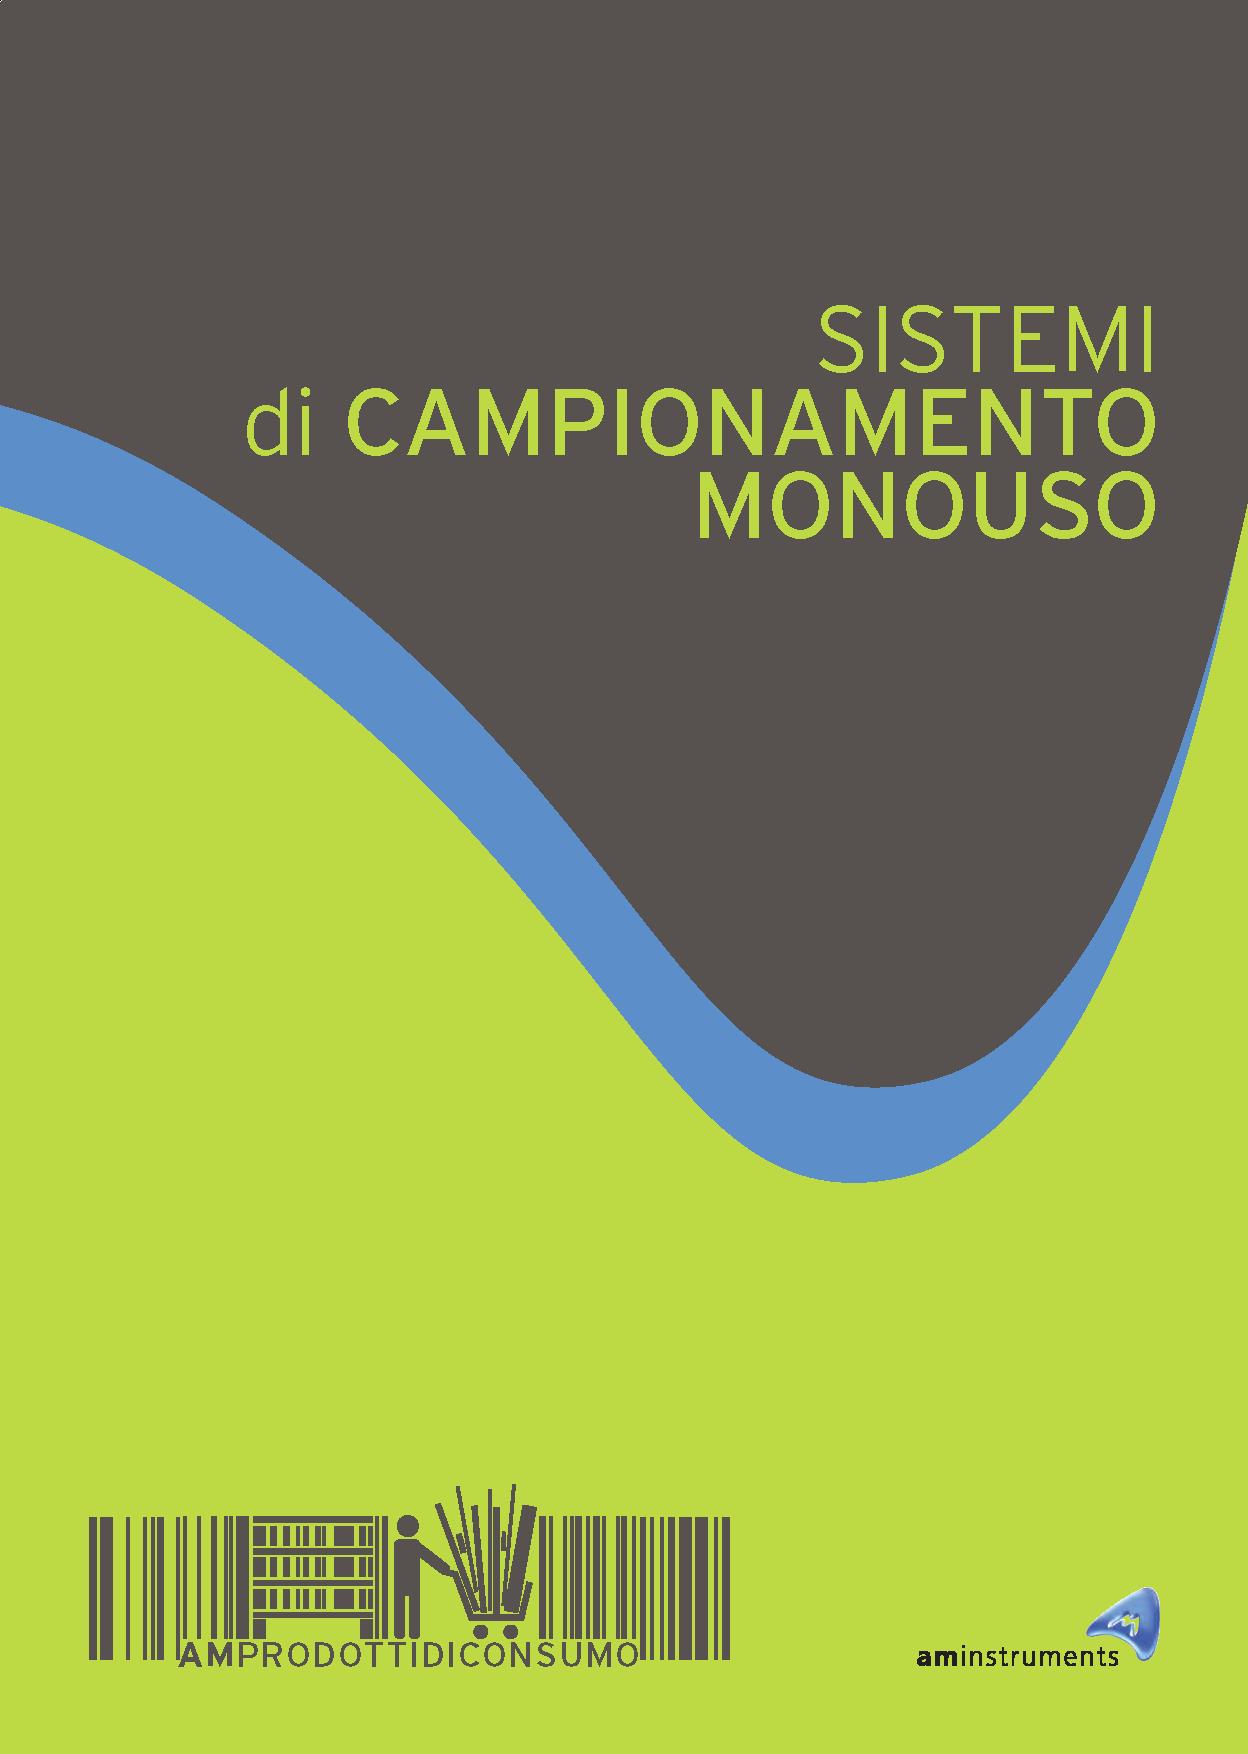 Fai clic sull'immagine per scaricare il catalogo dei campionatori monouso in formato PDF